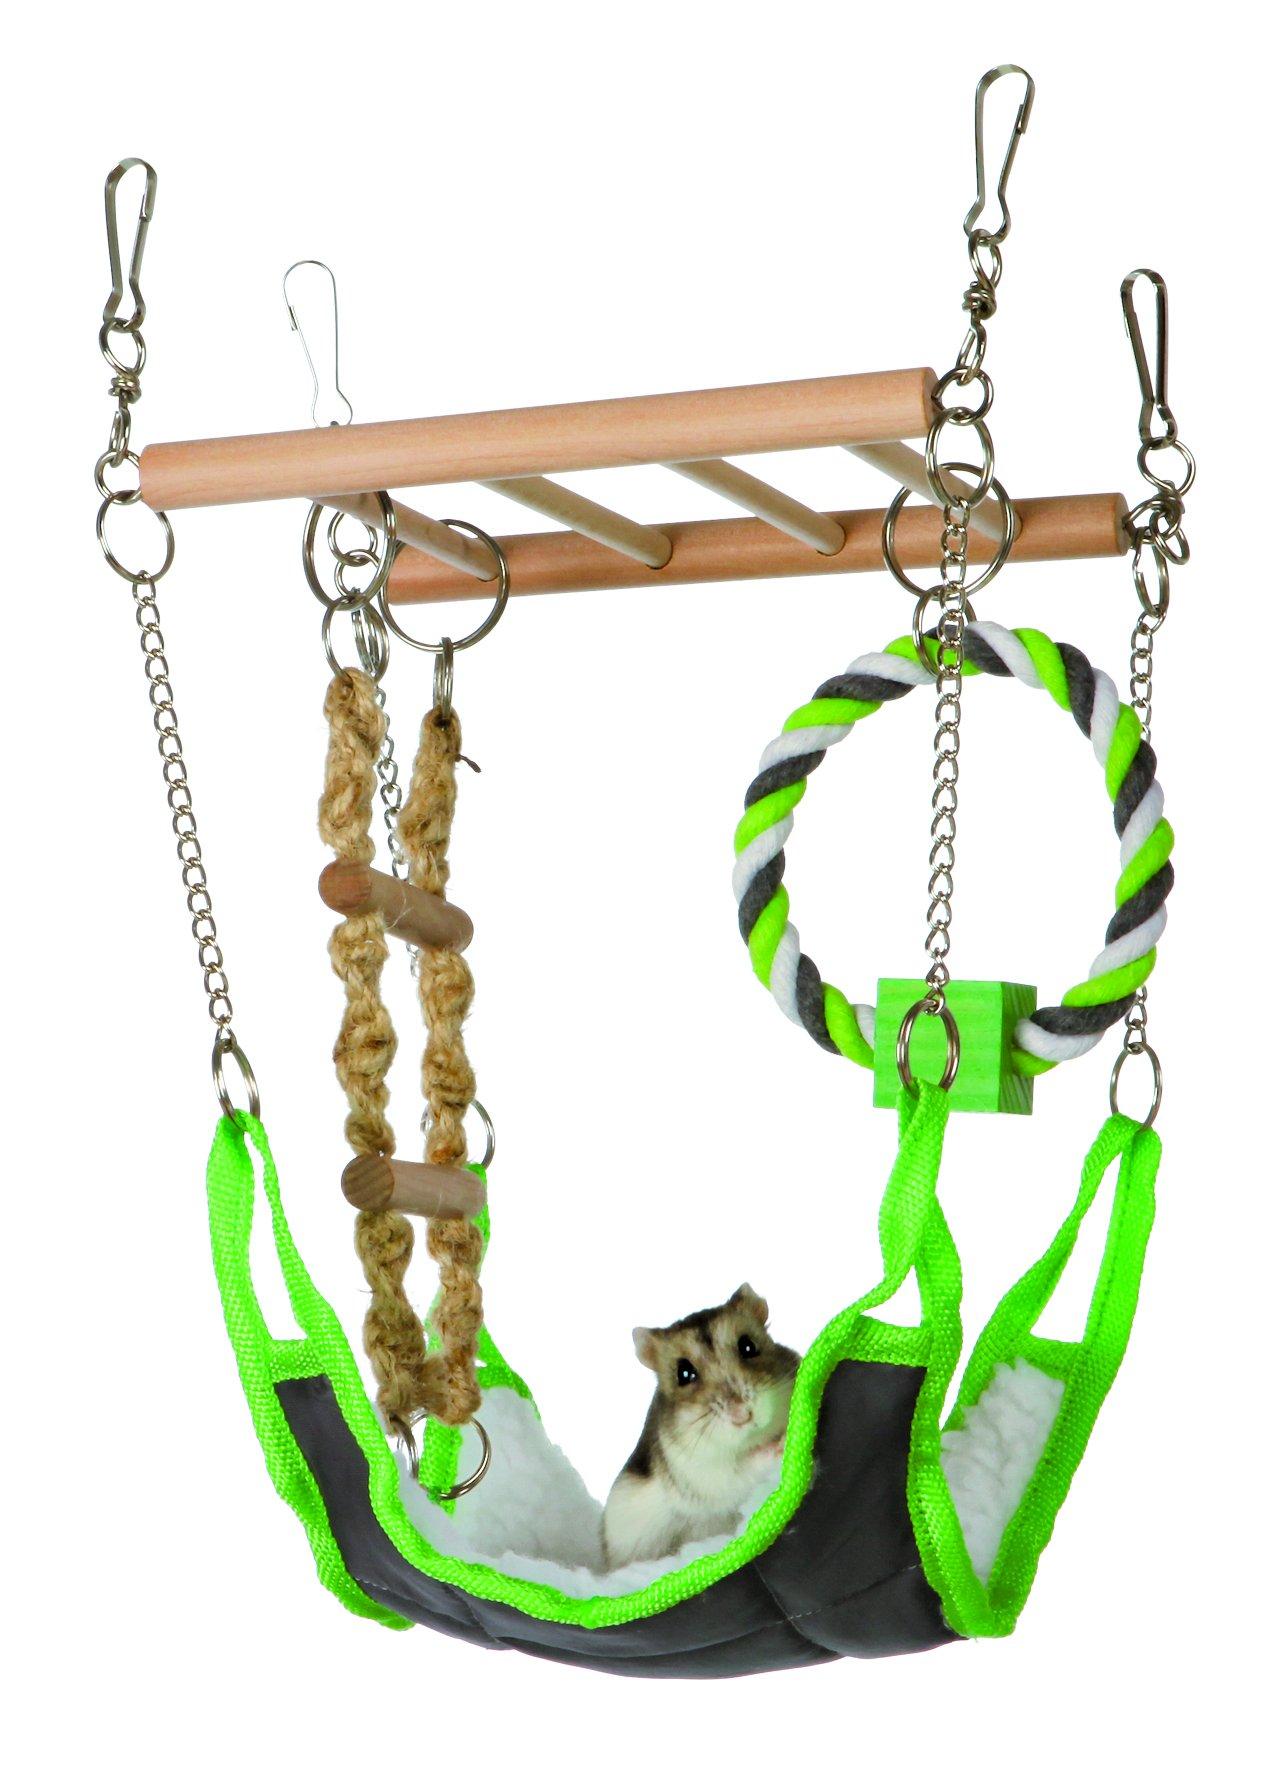 Trixie Pet Products 6298 Suspension Bridge, Green, 17 x 22 x 15cm by Trixie